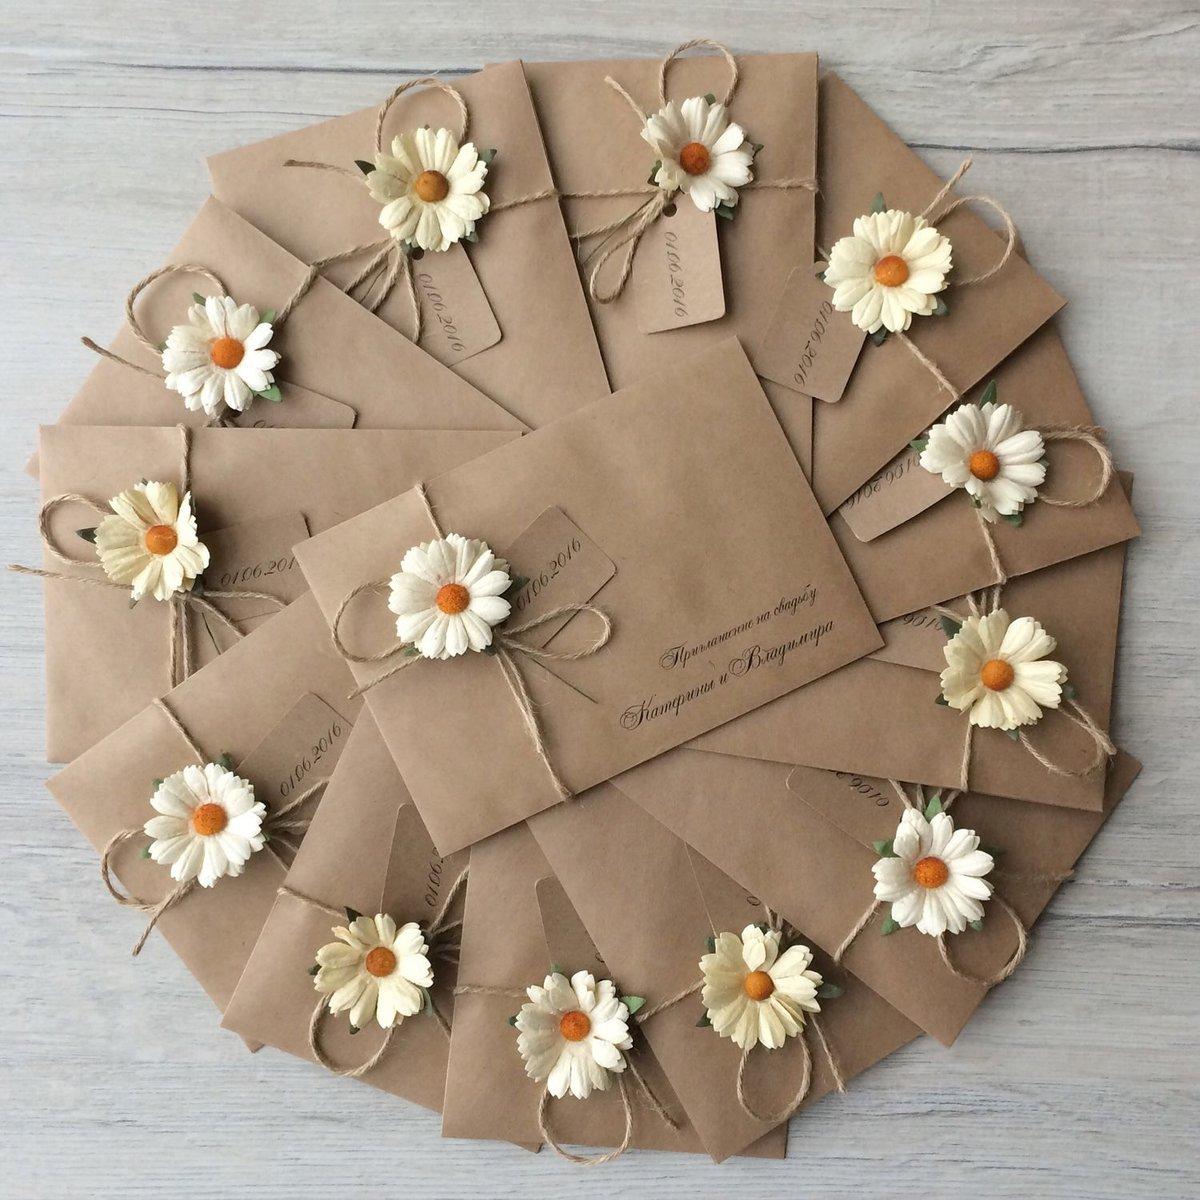 оформление открыток цветами из бумаги своими руками нашем